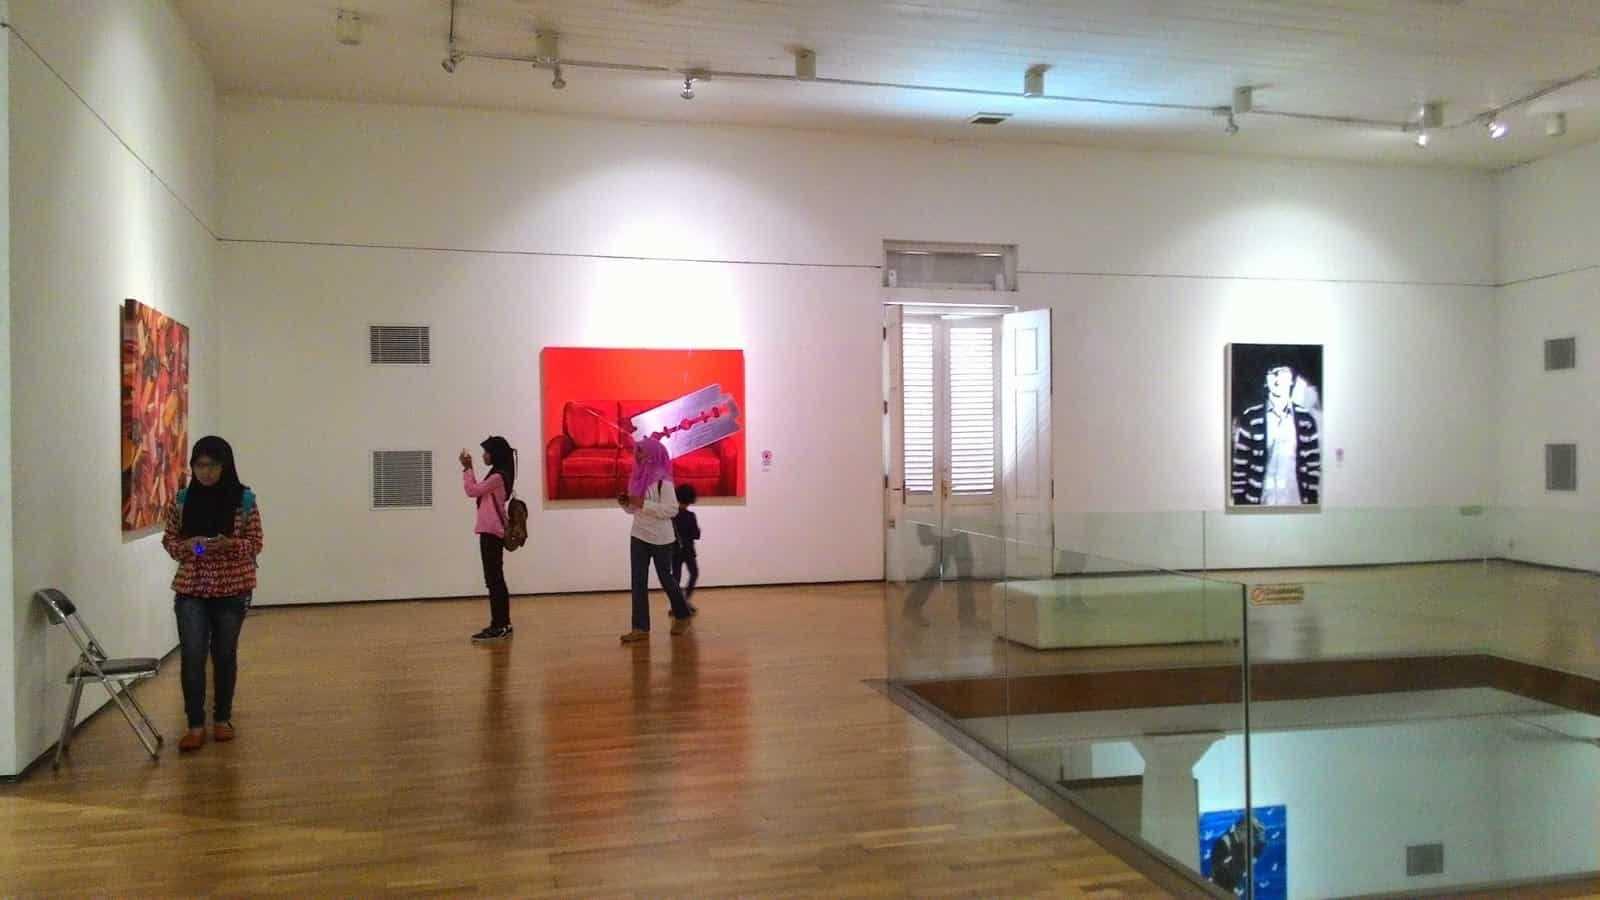 Informasi Lengkap Objek Wisata Semarang Contemporary Art Gallery Museum Polri